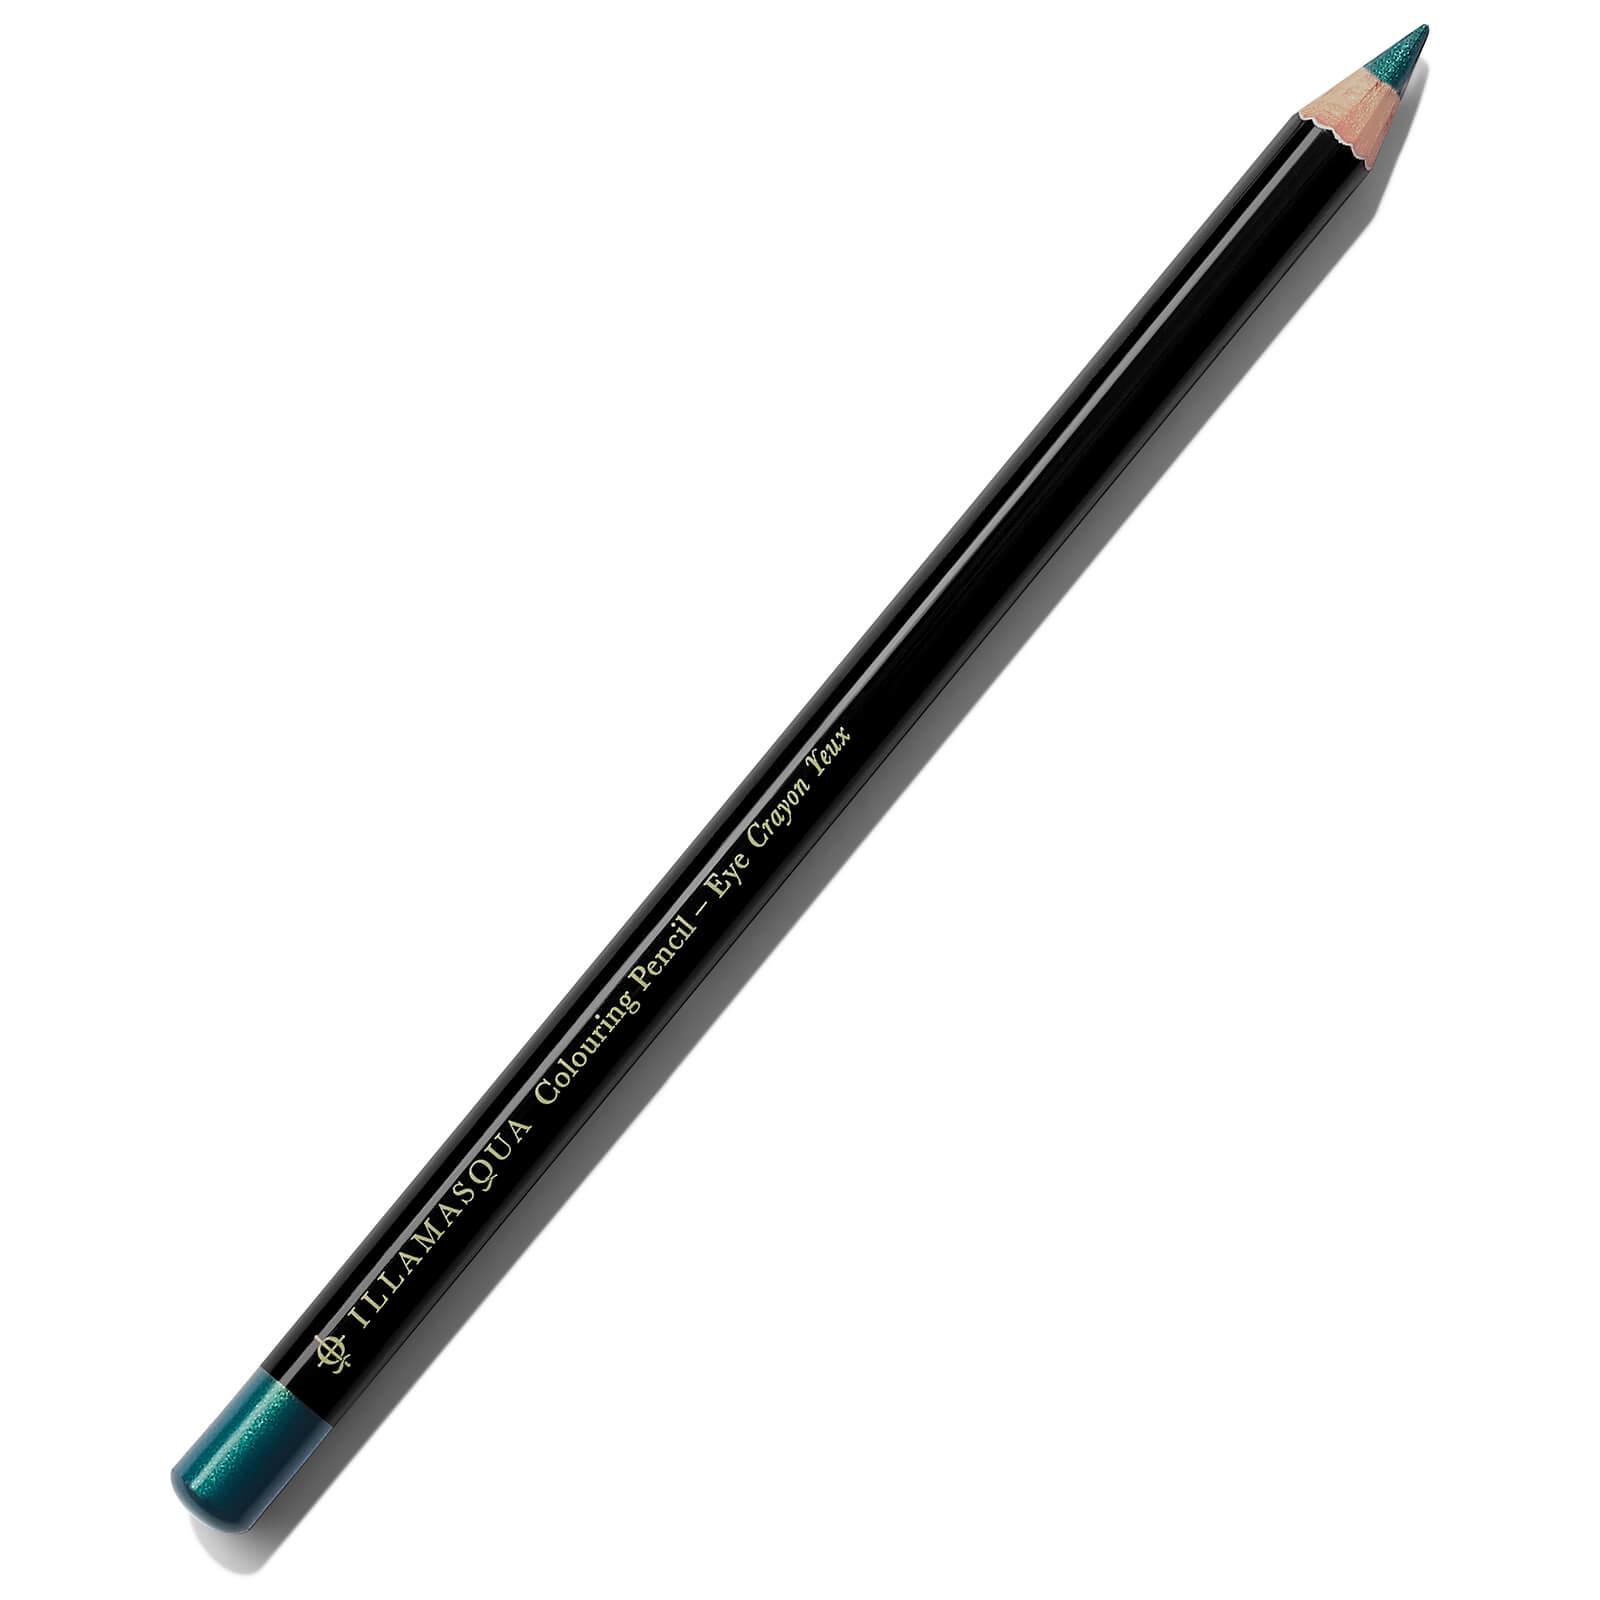 Купить Карандаш для глаз Illamasqua Colouring Eye Pencil 1, 4 г (различные оттенки) - Nomad